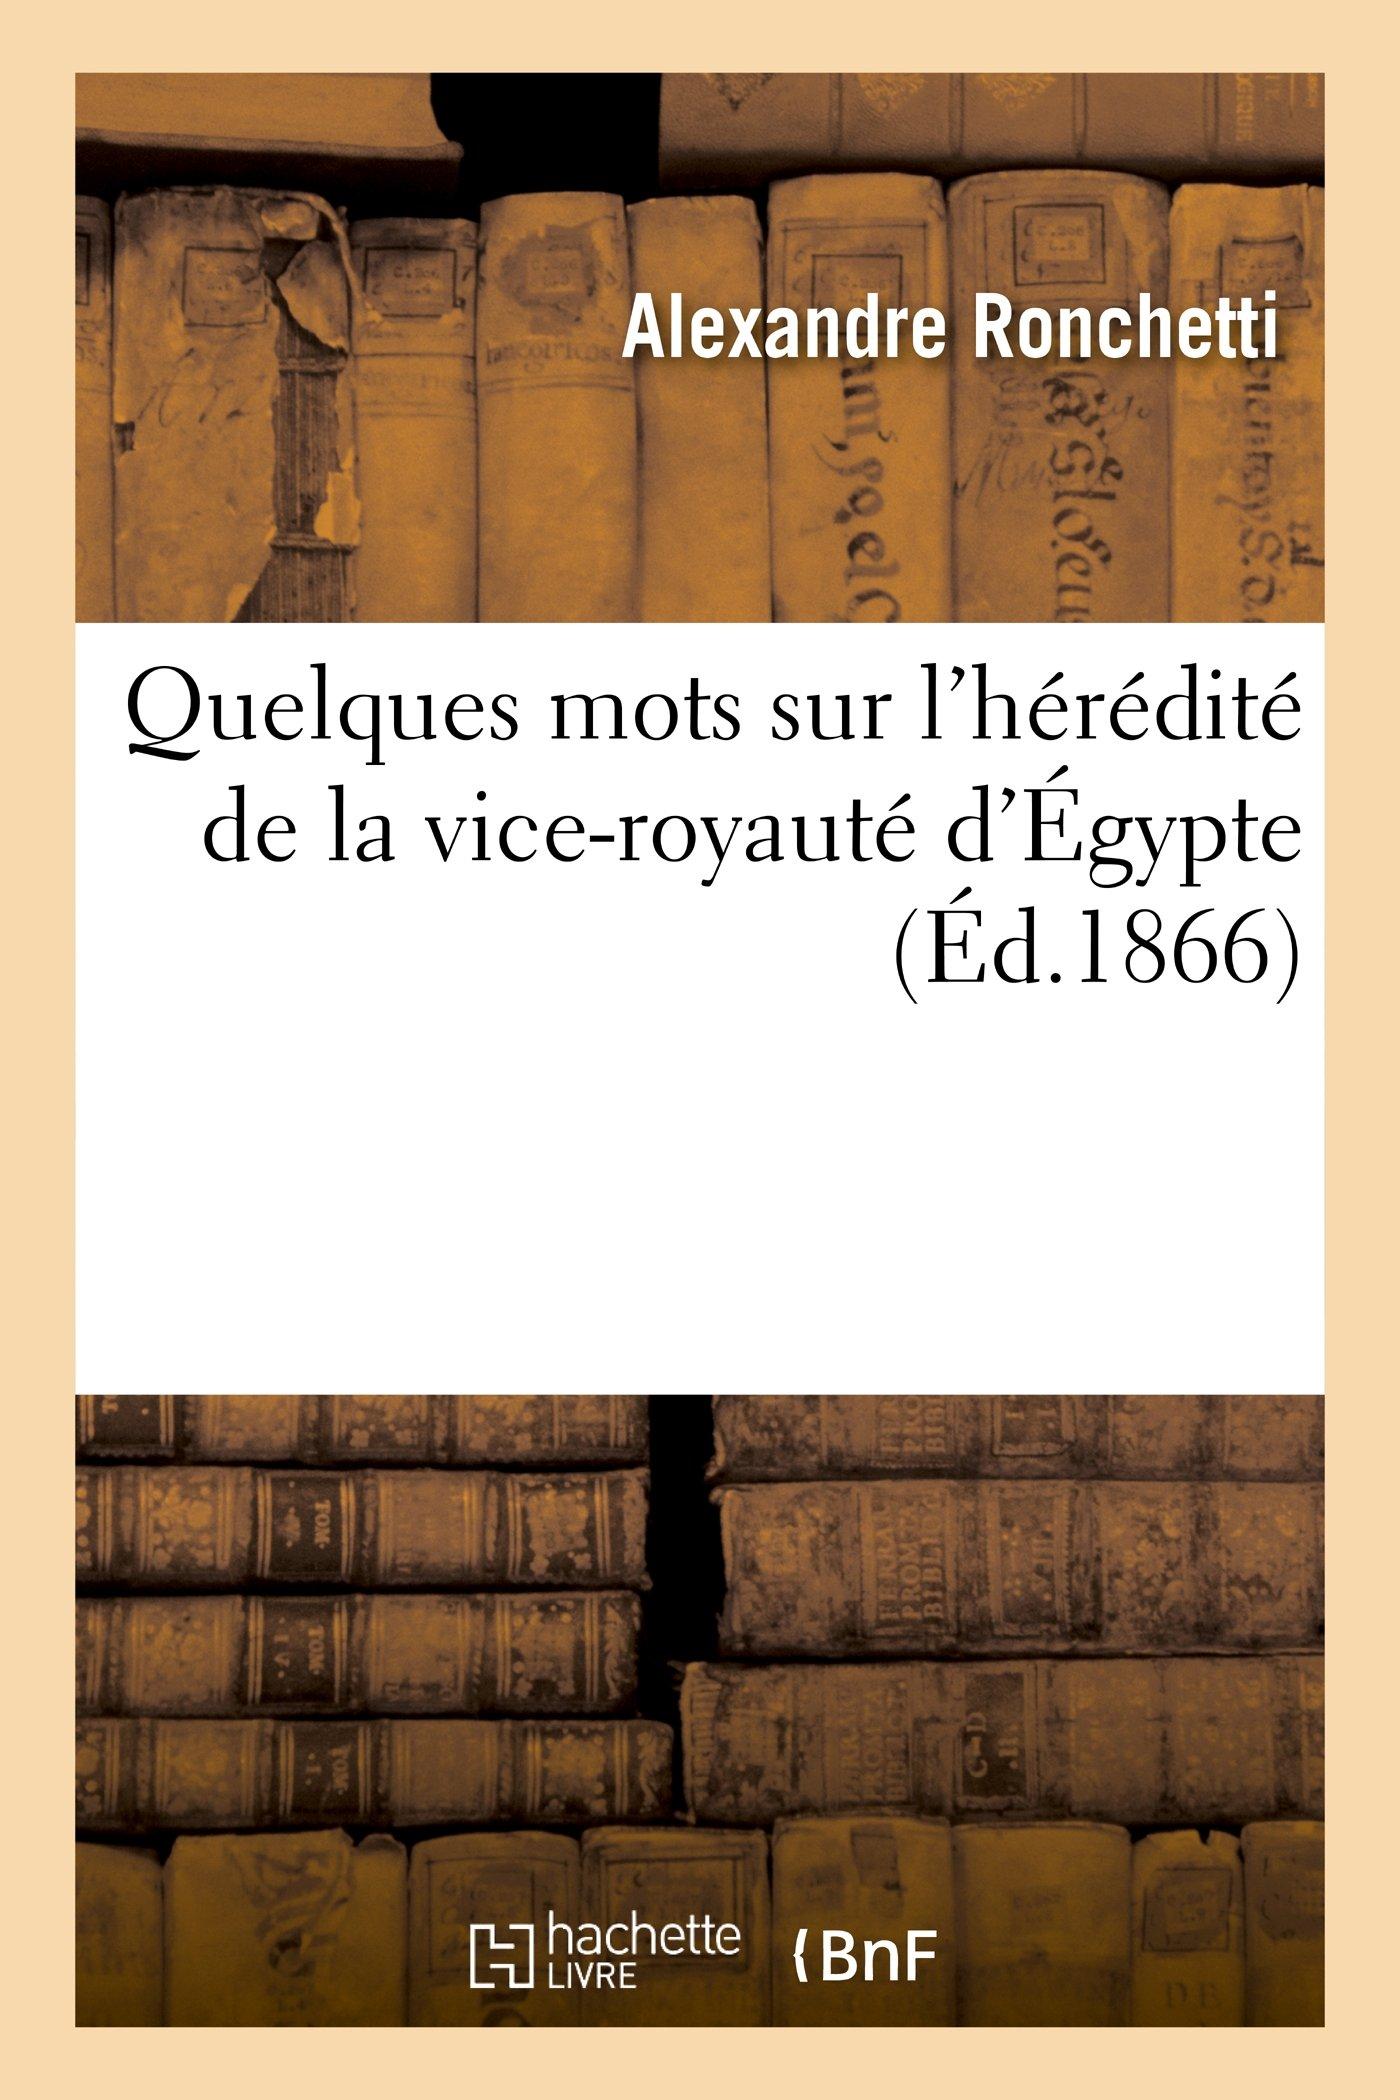 Download Quelques Mots Sur L'Heredite de La Vice-Royaute D'Egypte Telle Qu'elle a Ete Reglee Par Le Nouvel (Histoire) (French Edition) PDF